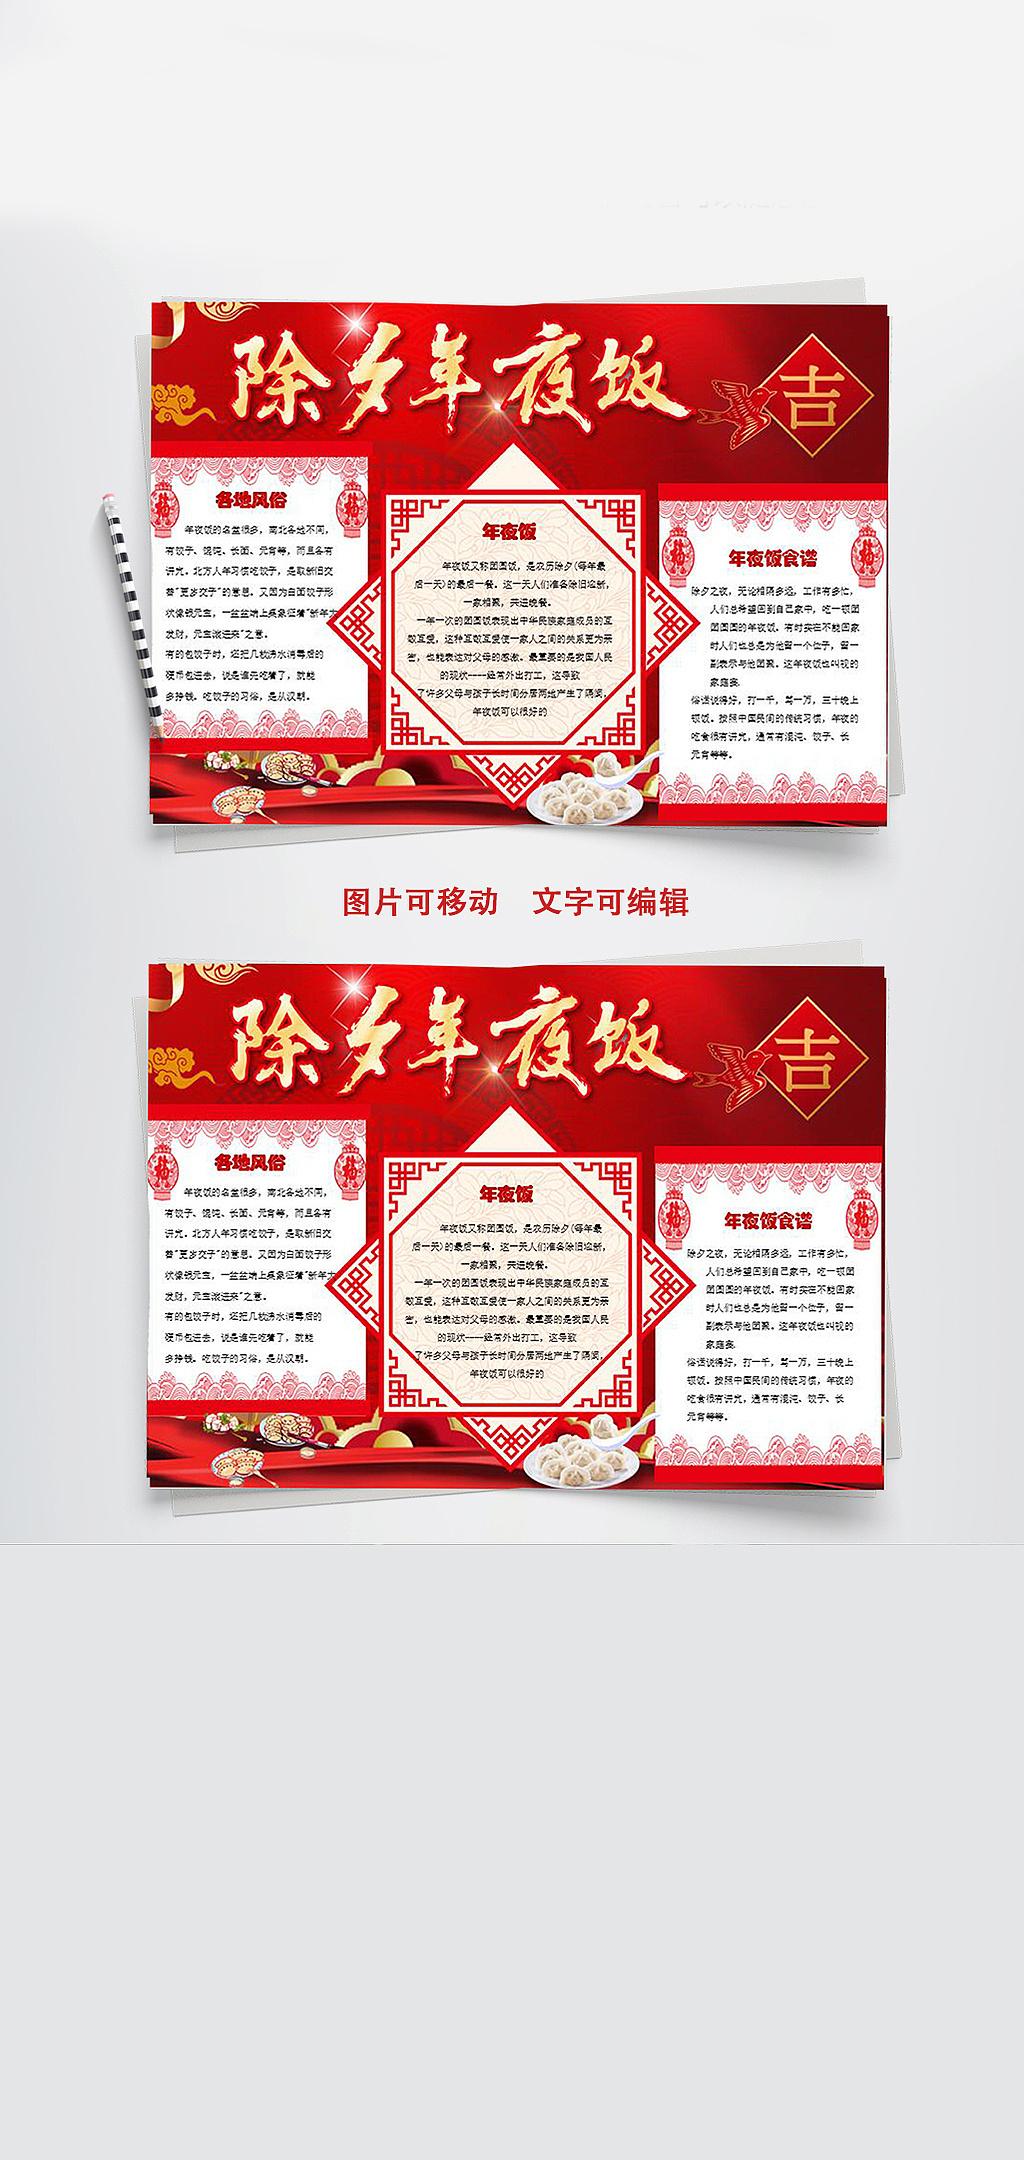 红色中国风除夕年夜饭小报word模板图片